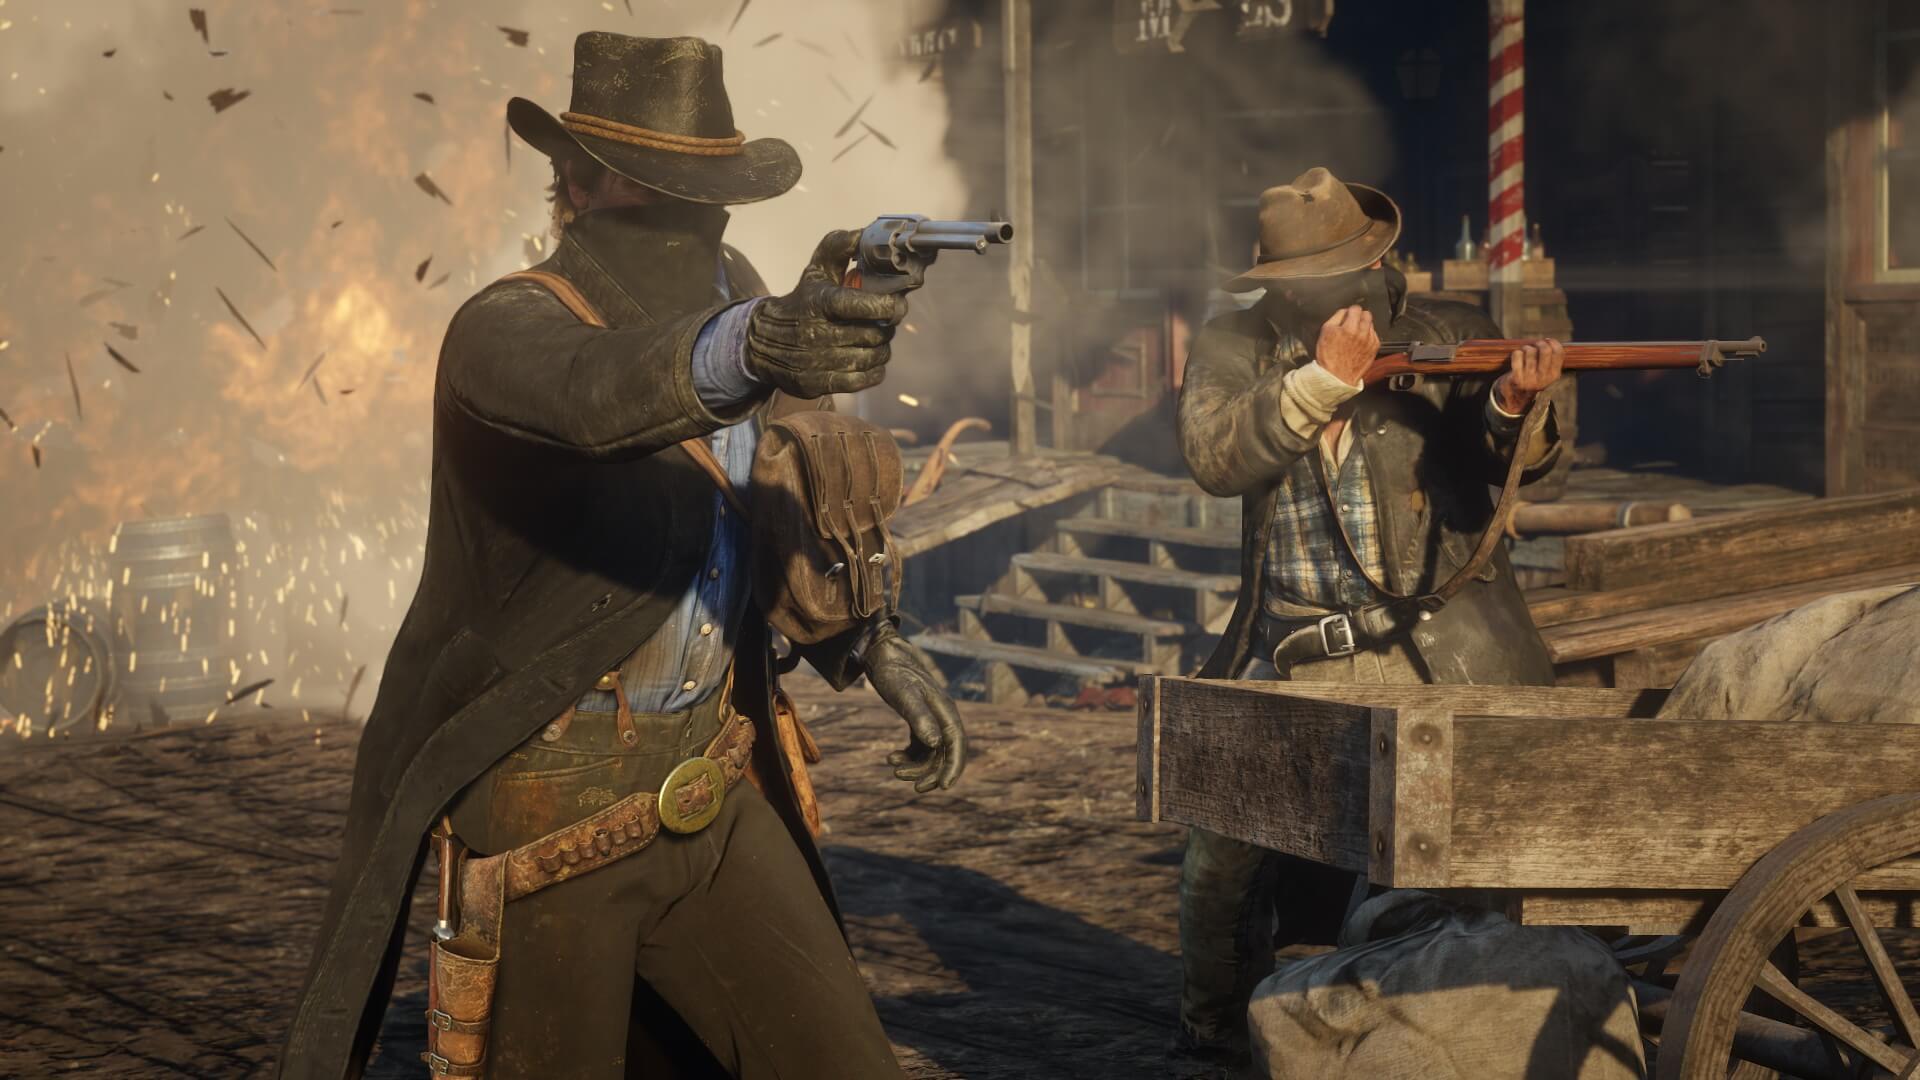 A variedade e fidelidade das armas de fogo impressiona. Arthur é um atirador e tanto, e mostra toda sua habilidade mundo afora.